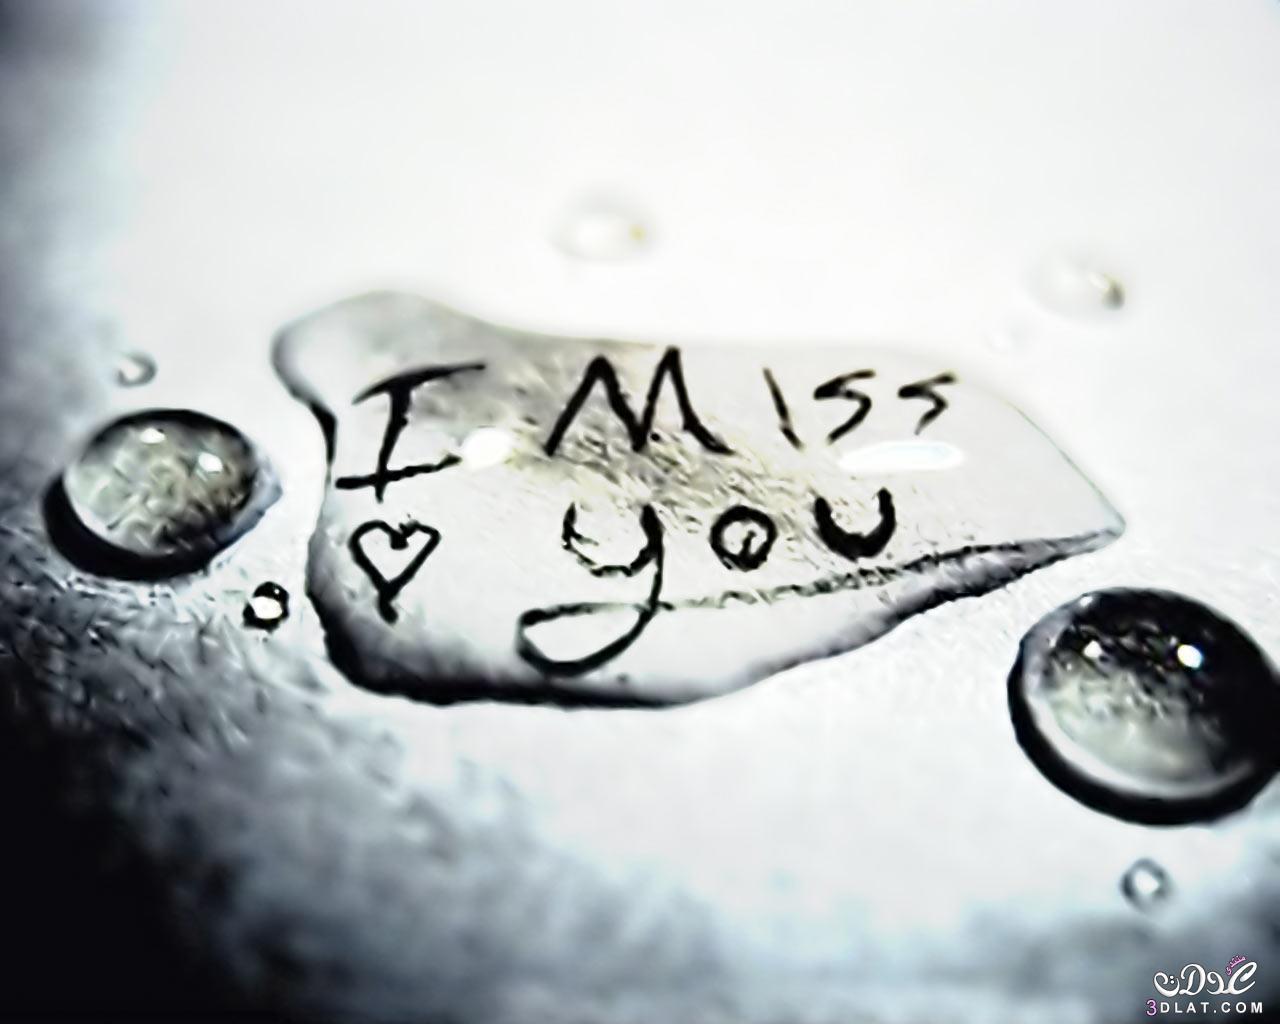 بالصور مقاطع وصور حب , اروع الصور الرومانسيه وحالات الحب 2013 2